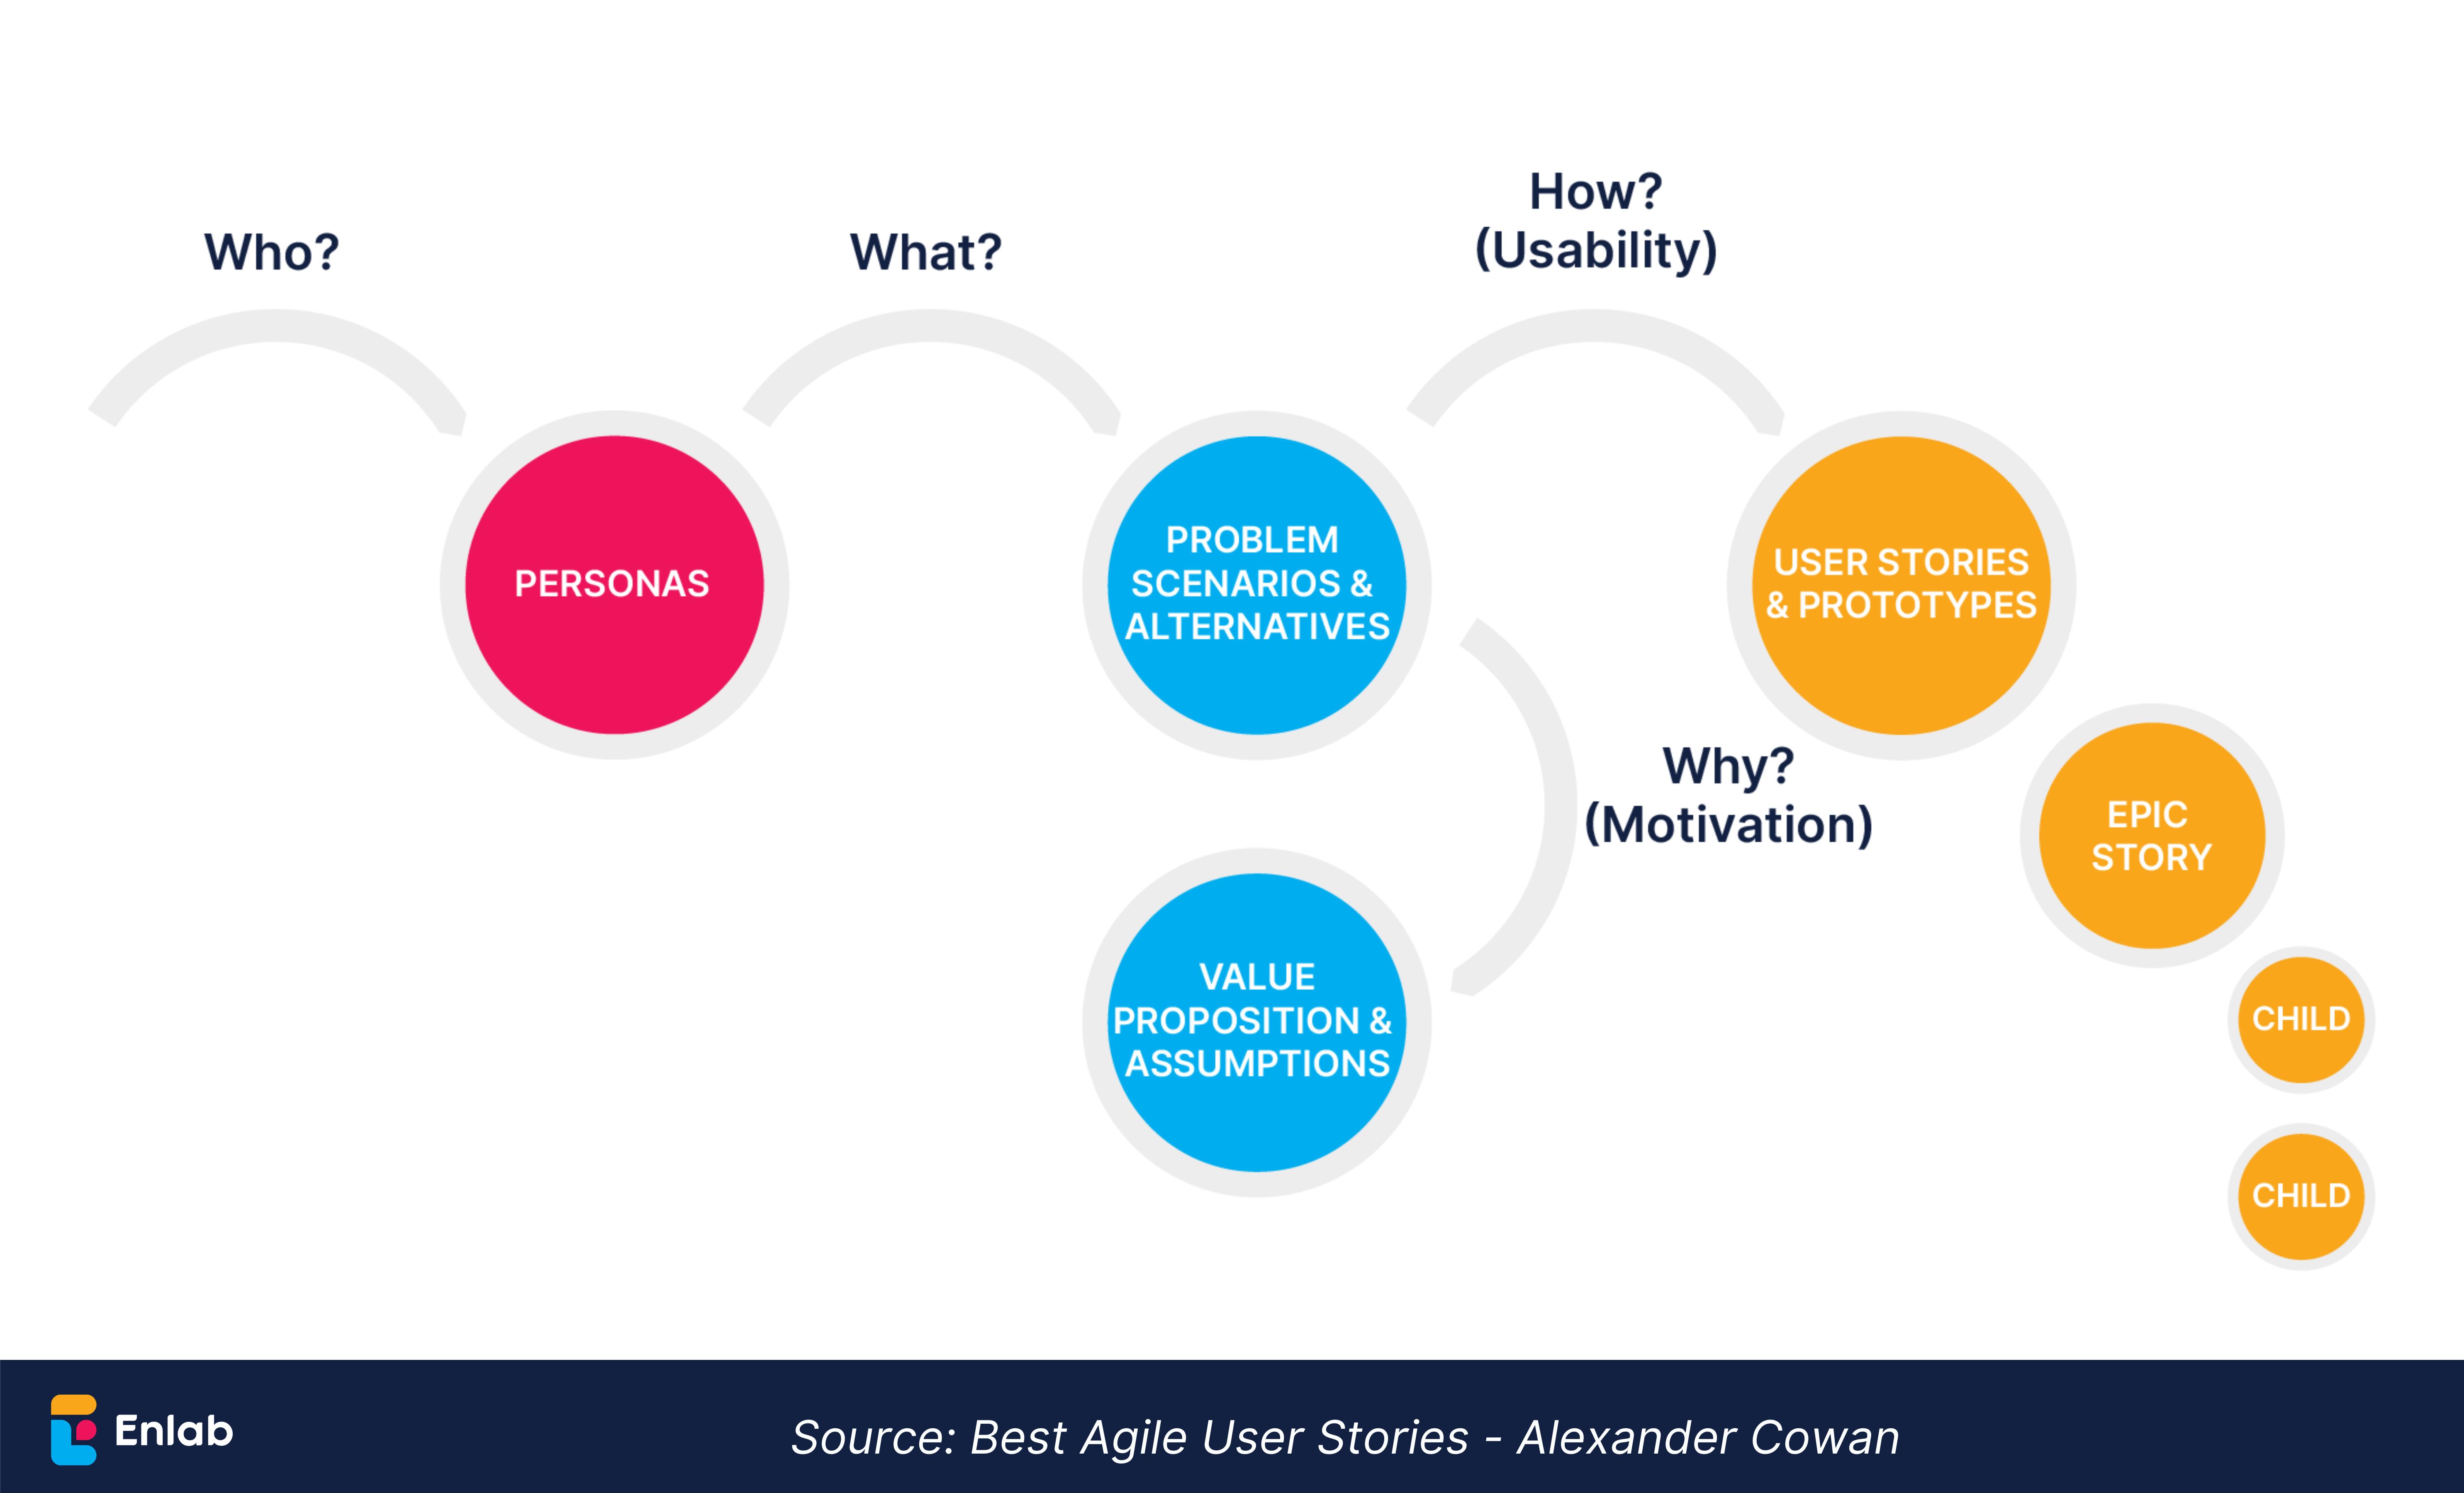 Enlab - Best Agile User Stories